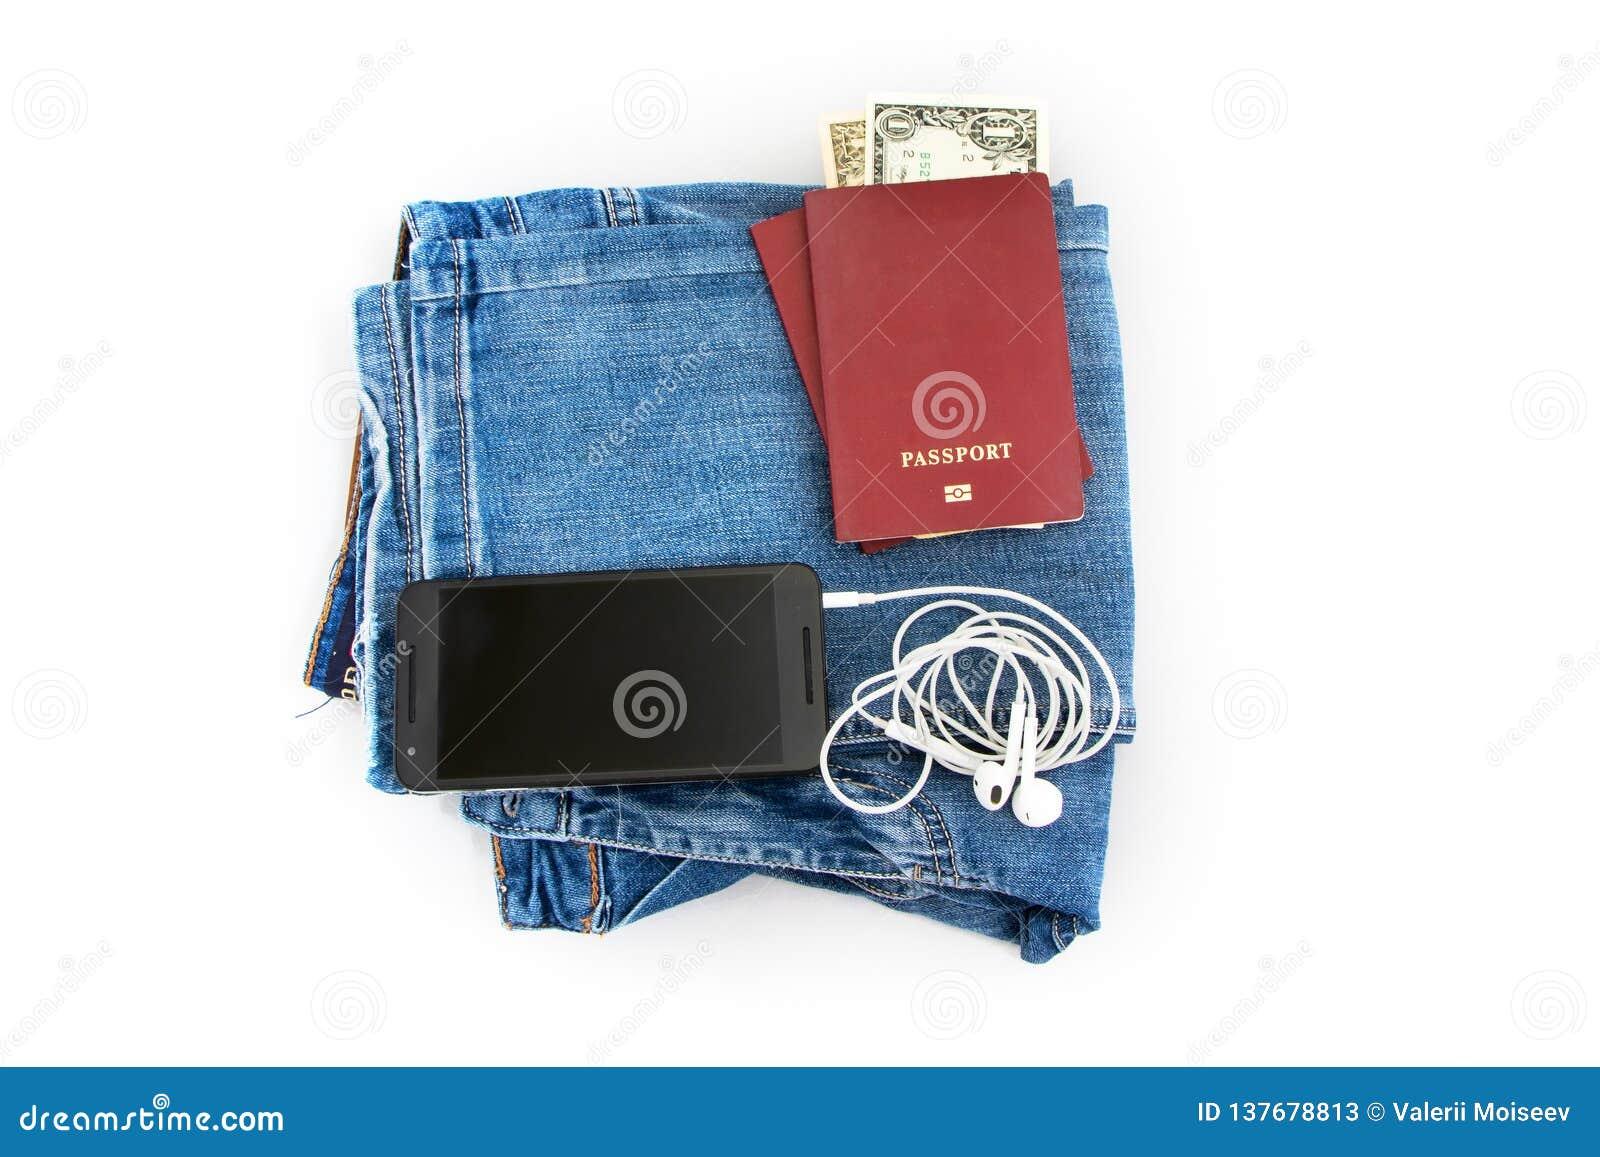 Vorbereitung für Reise, Pass, Geld, Telefon mit Kopfhörern auf Jeans lokalisierte weißen Hintergrund